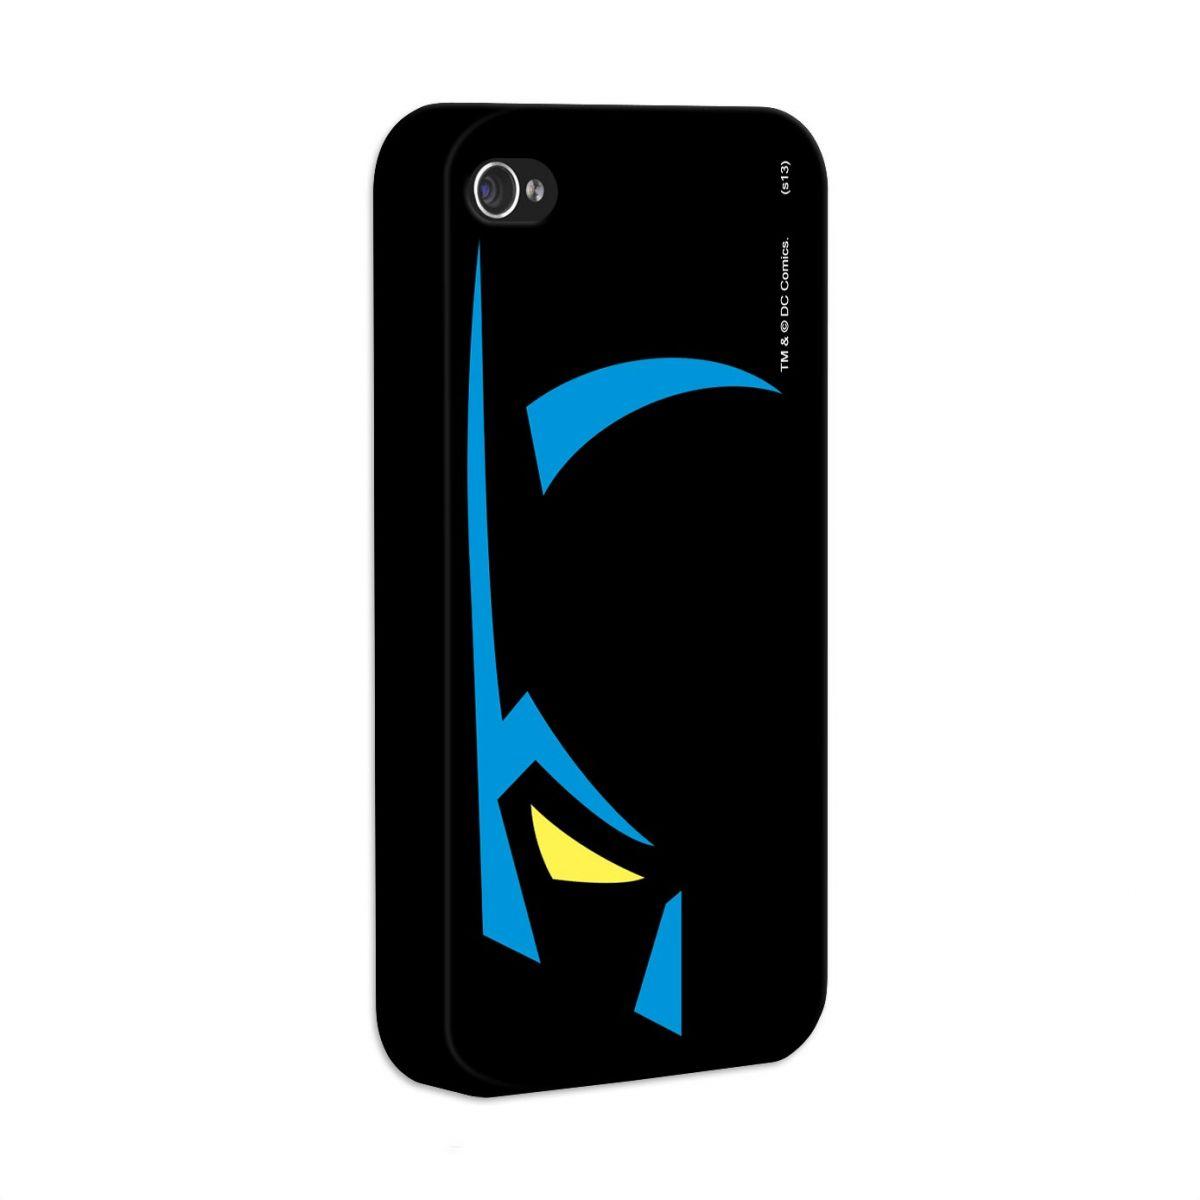 Capa de iPhone 4/4S Batman Mask